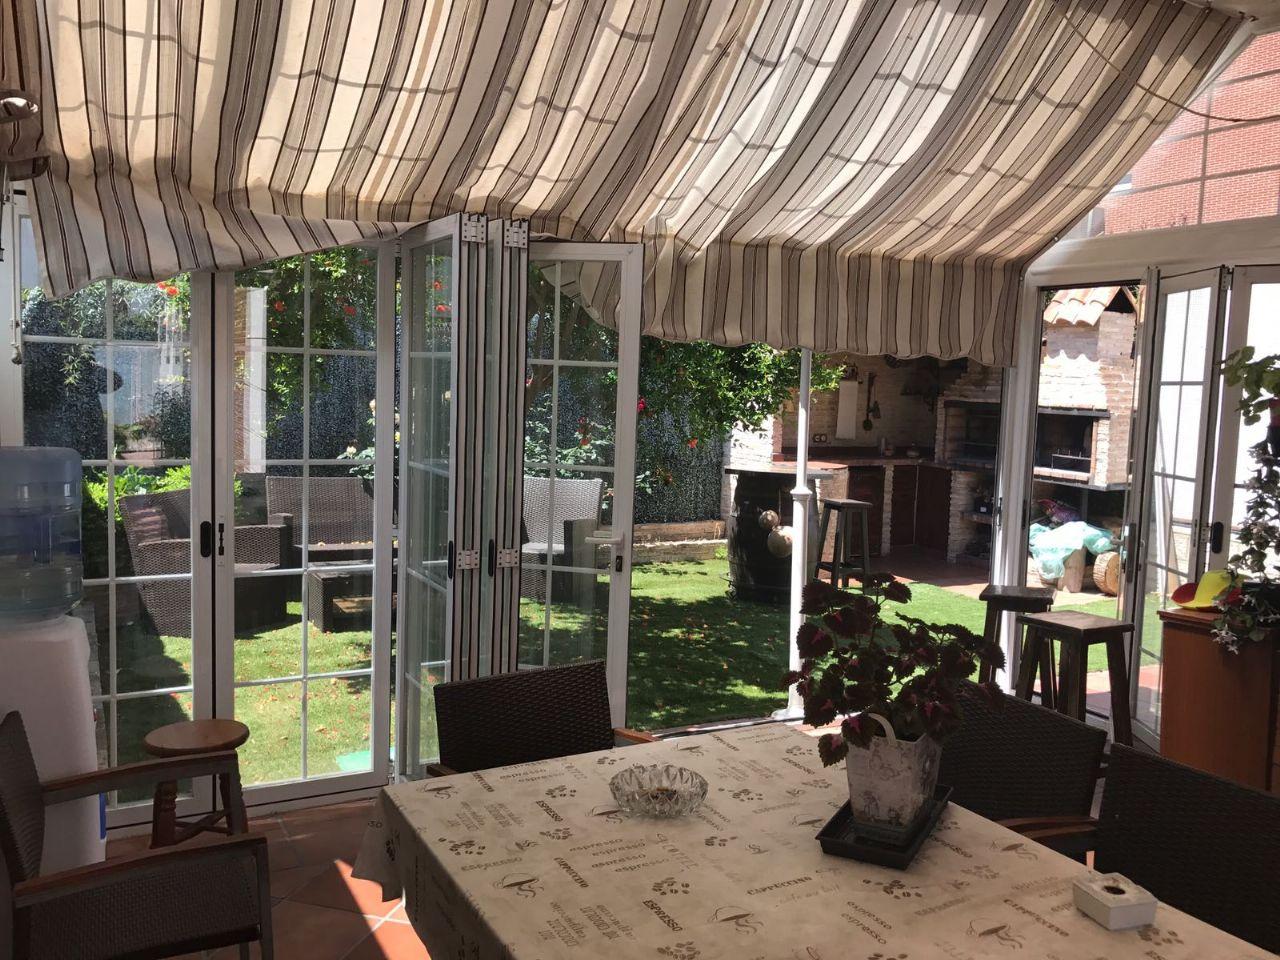 Casa / Chalet en Rivas-Vaciamadrid, Rivas, venta